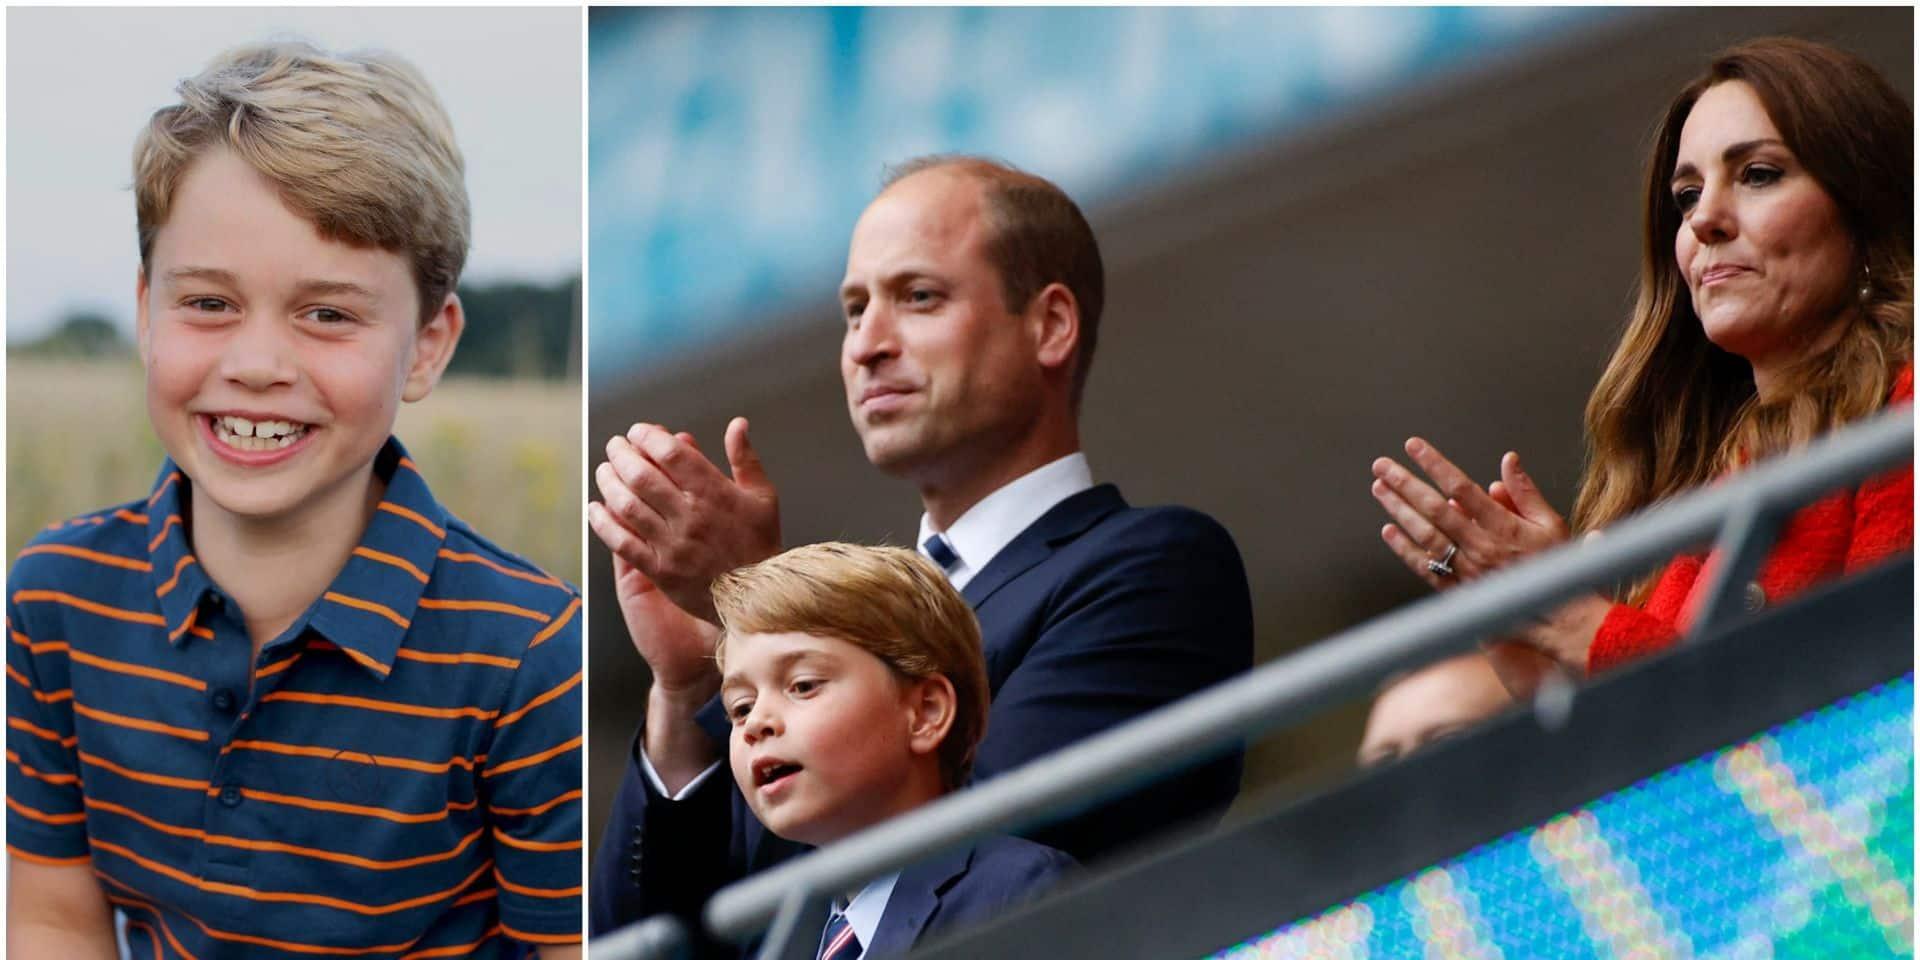 Le prince George fête ses 8 ans: le magnifique portrait signé Kate Middleton rend hommage à Philip